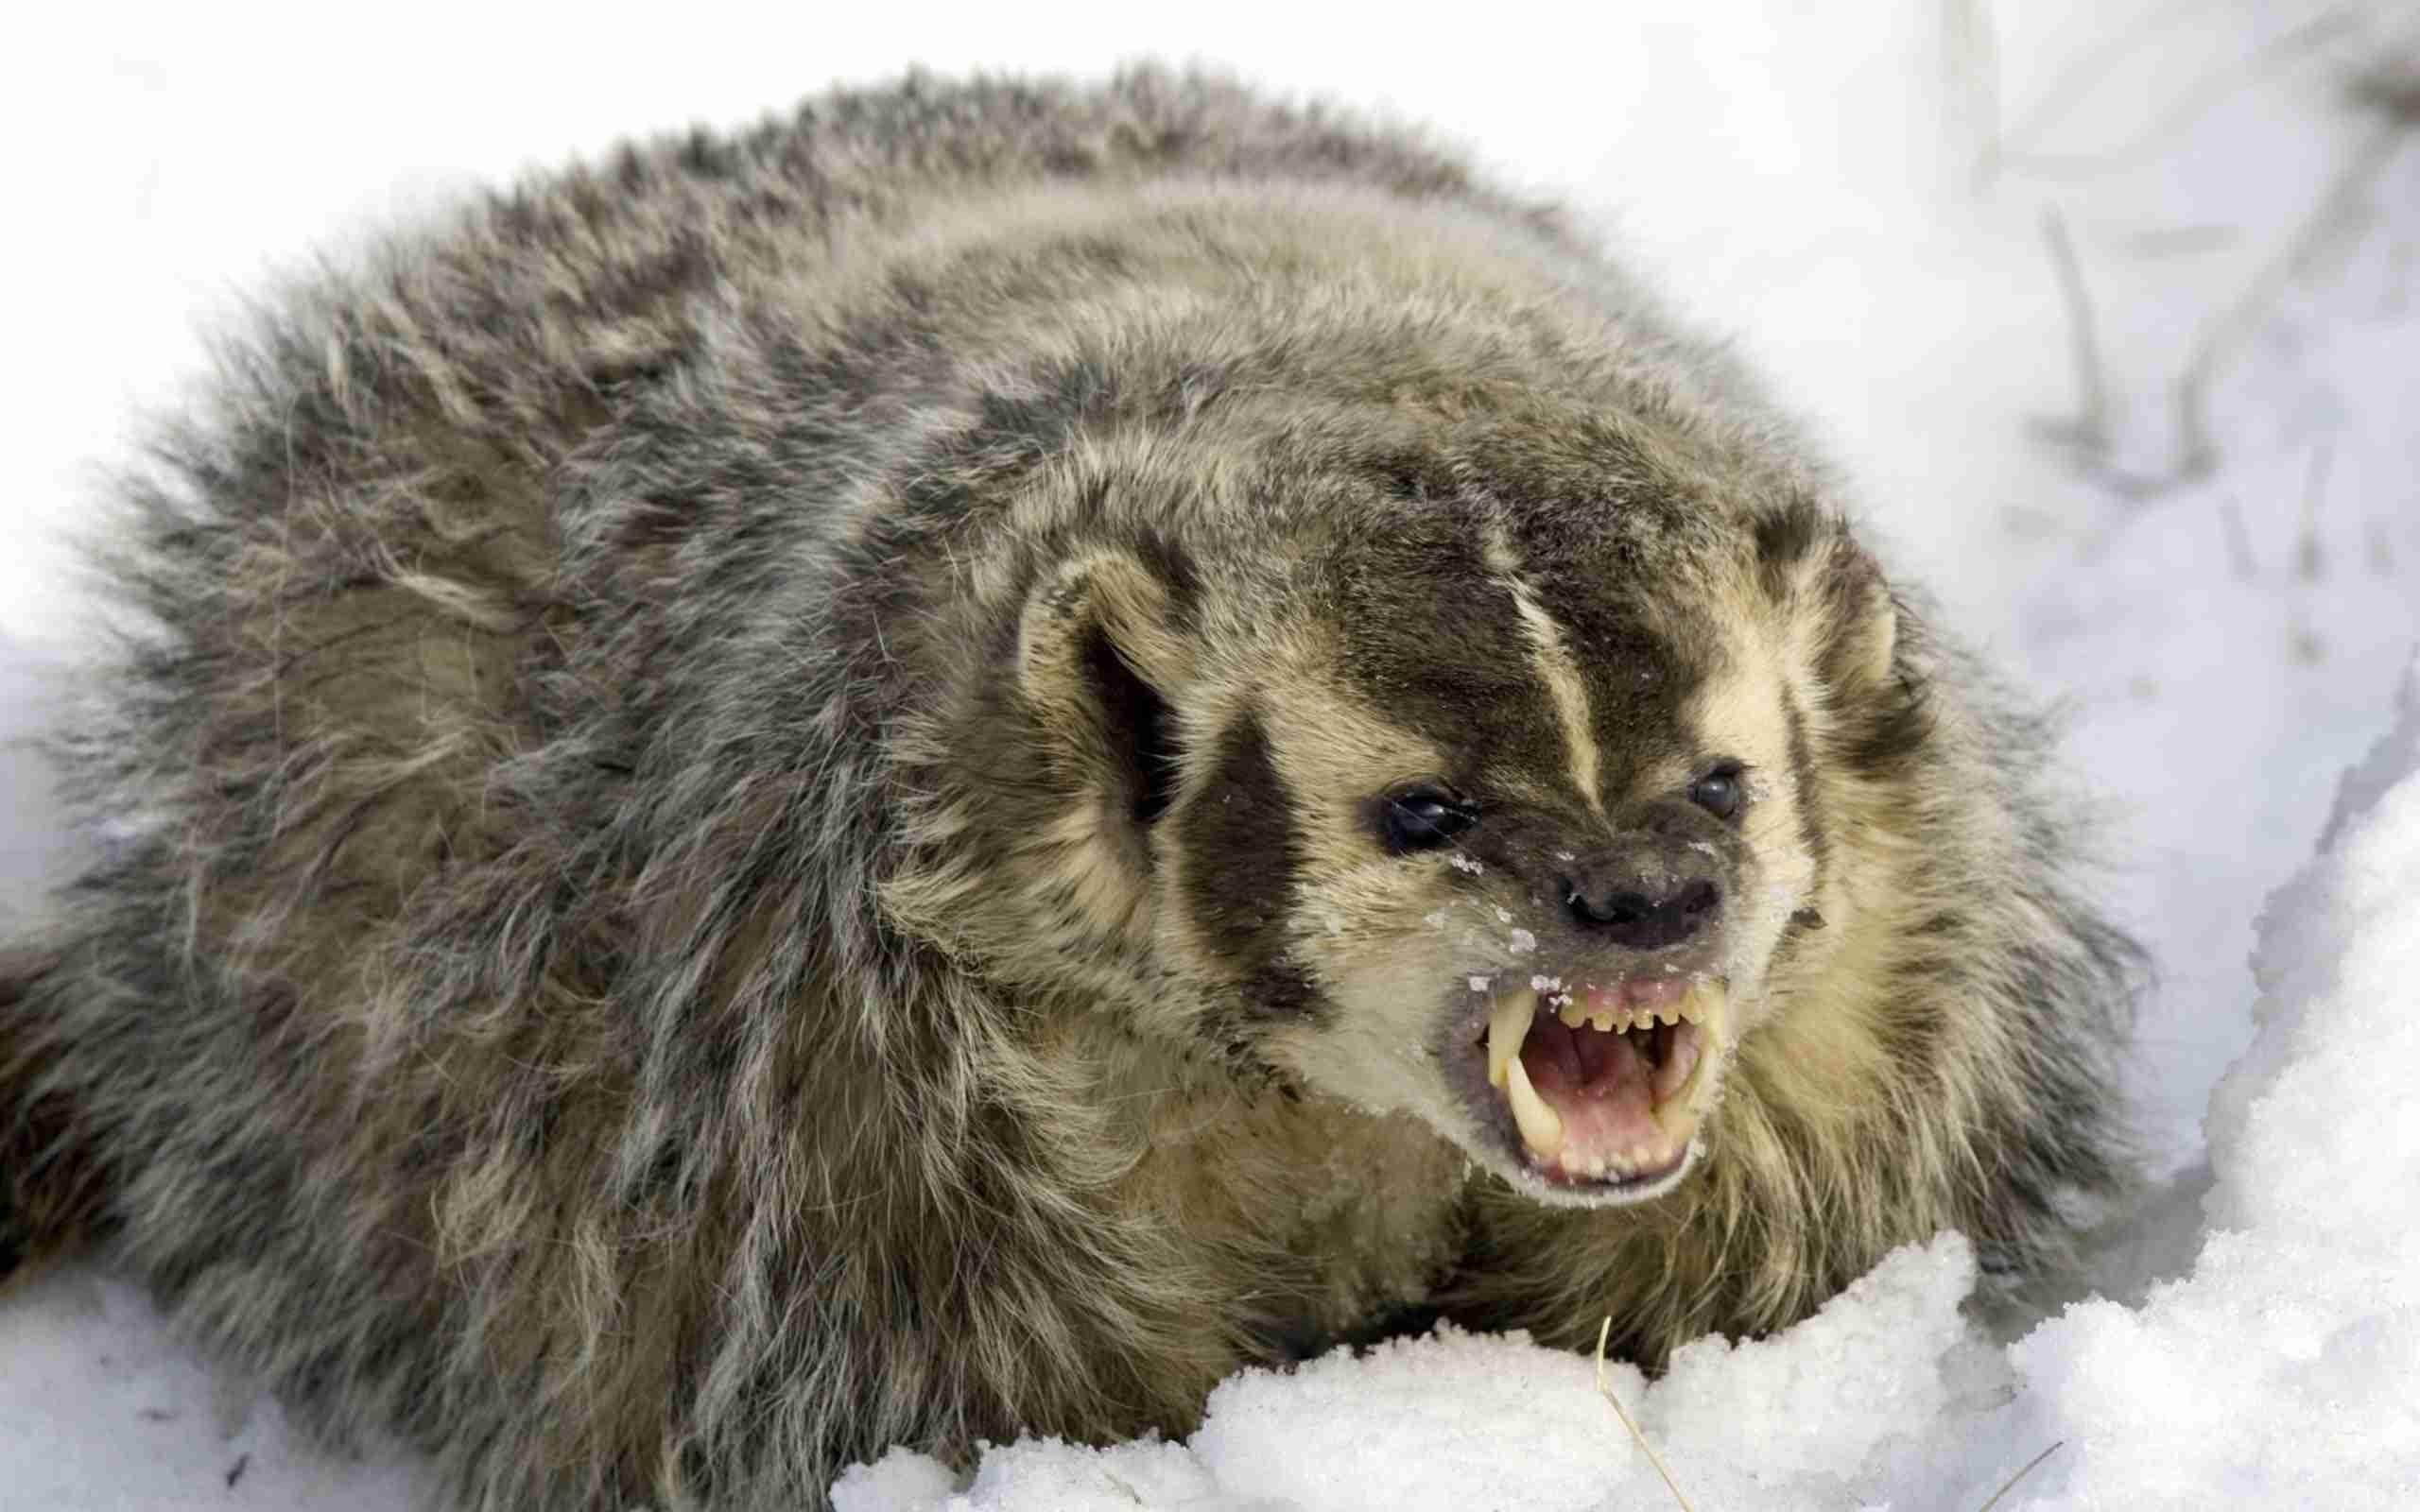 badger full hd